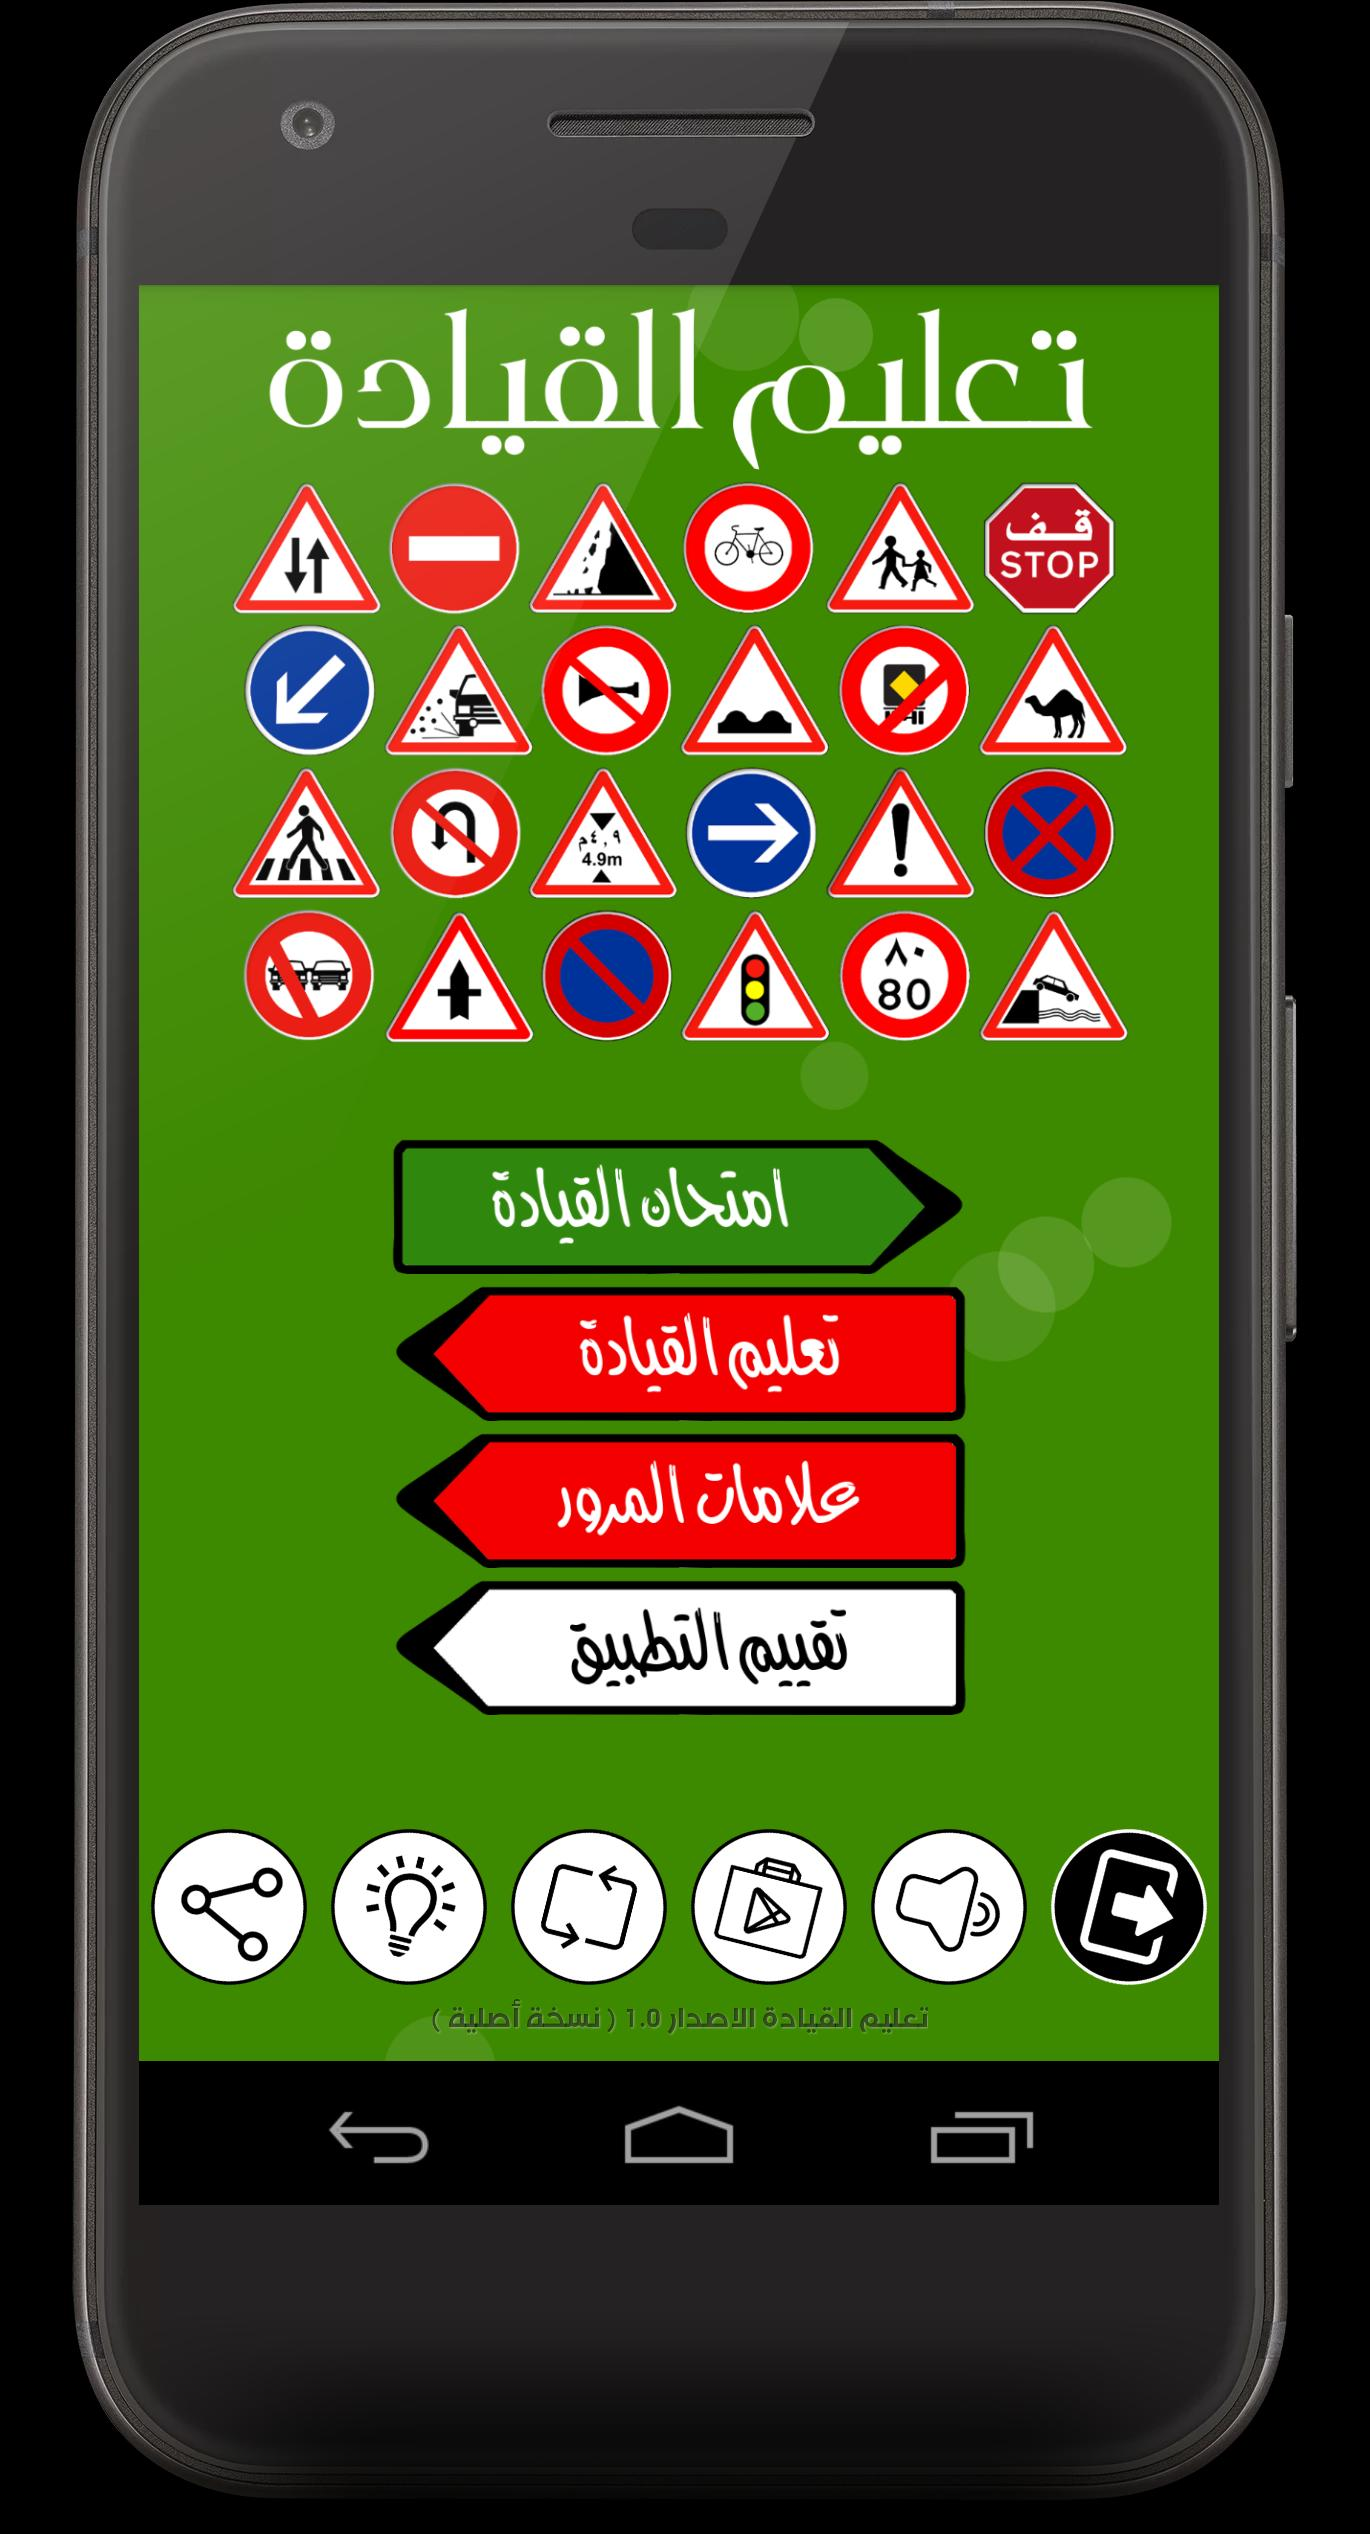 تعليم القيادة For Android Apk Download